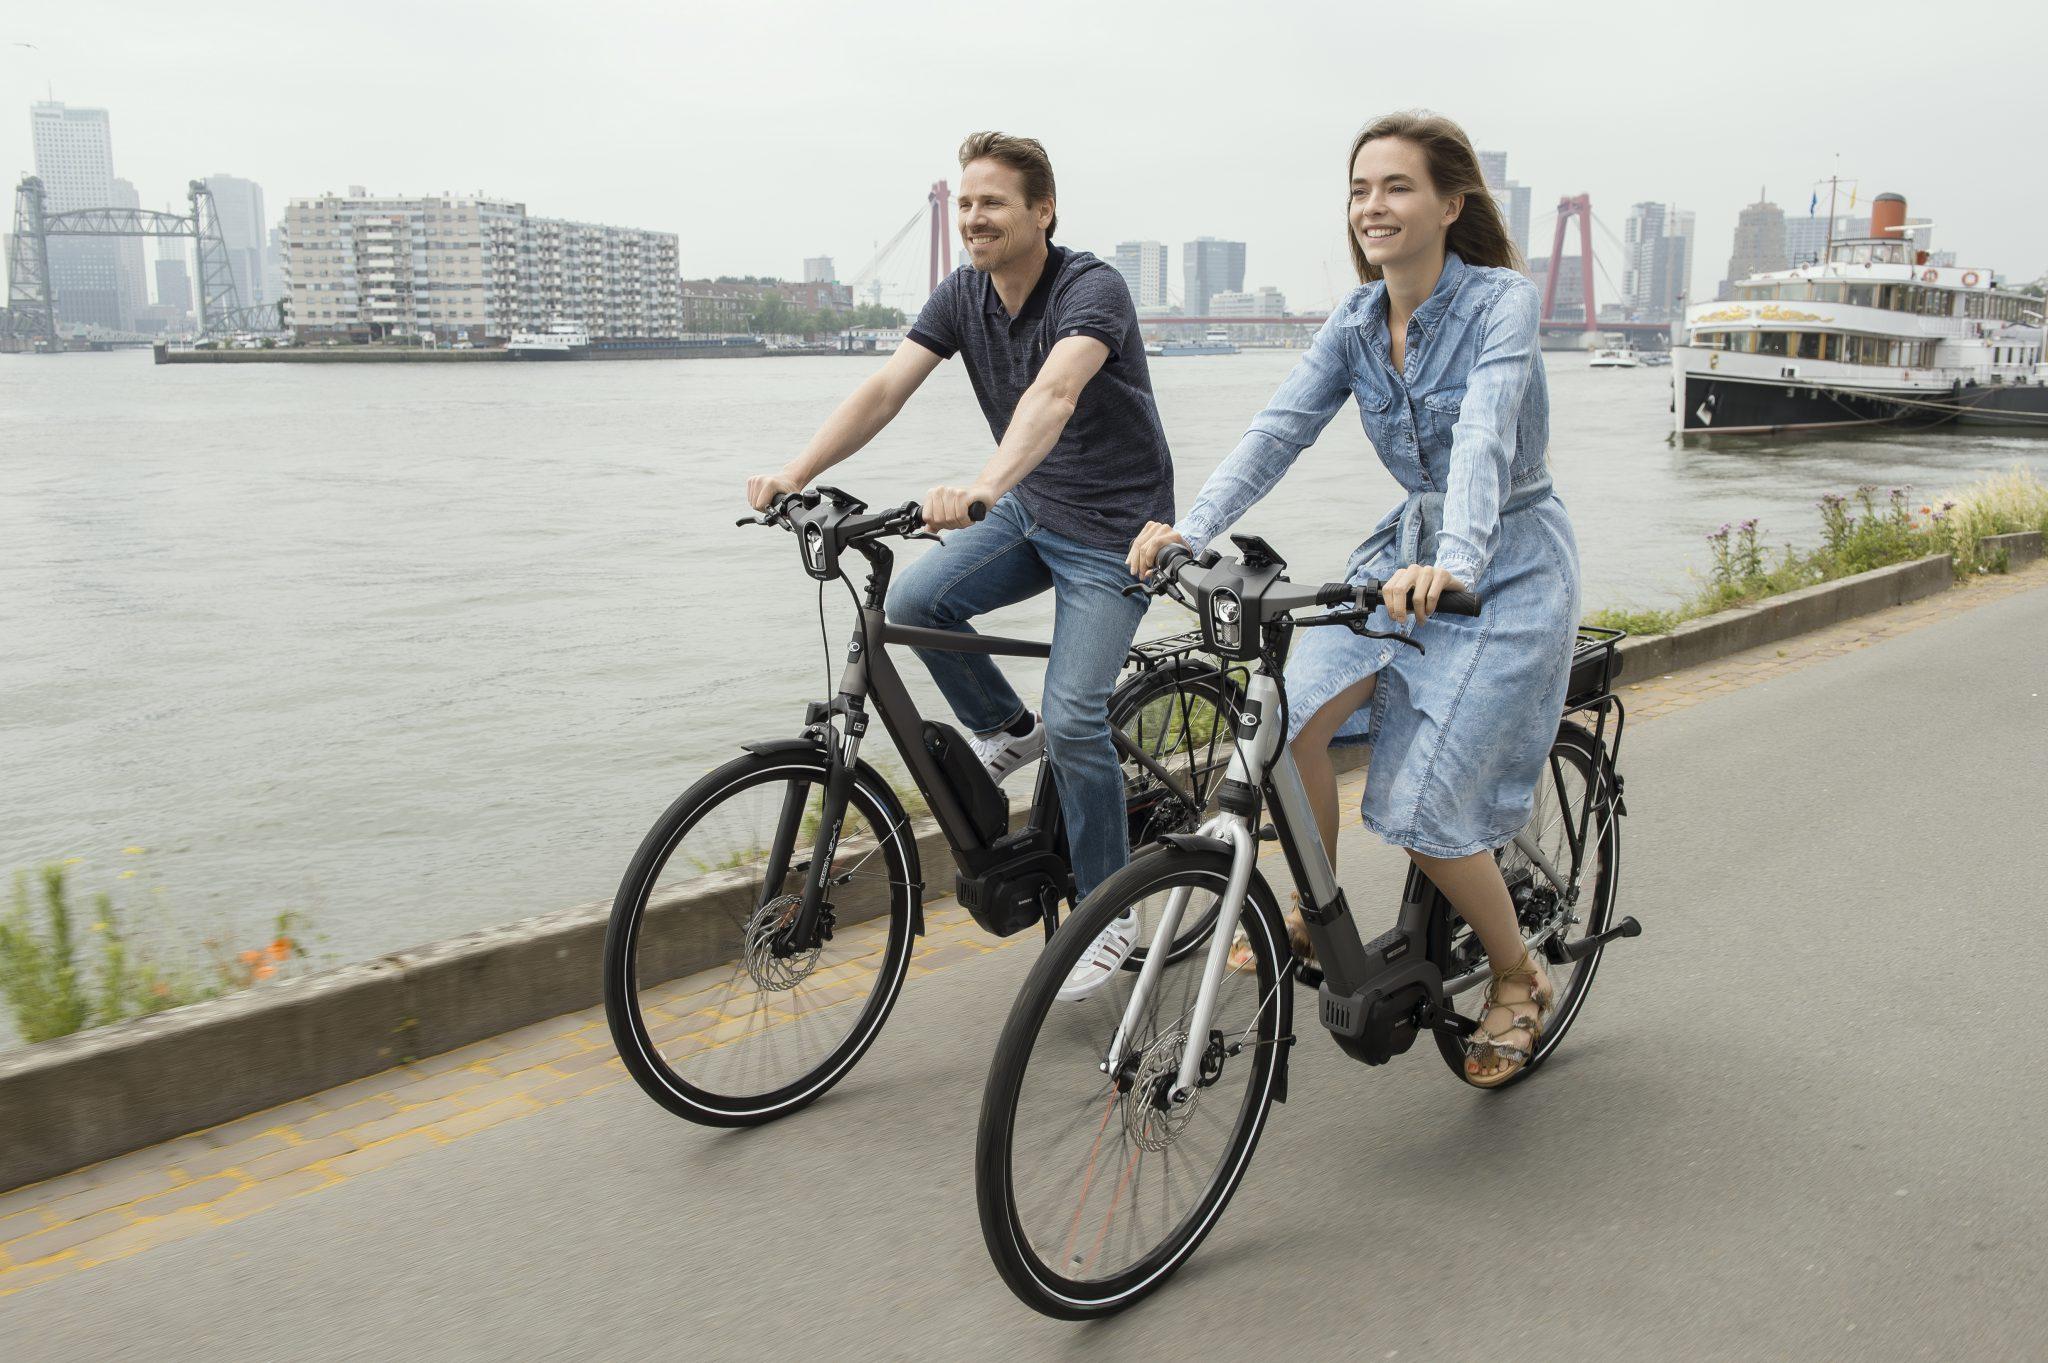 Kymco Street Comfort e-bike scoort een 9